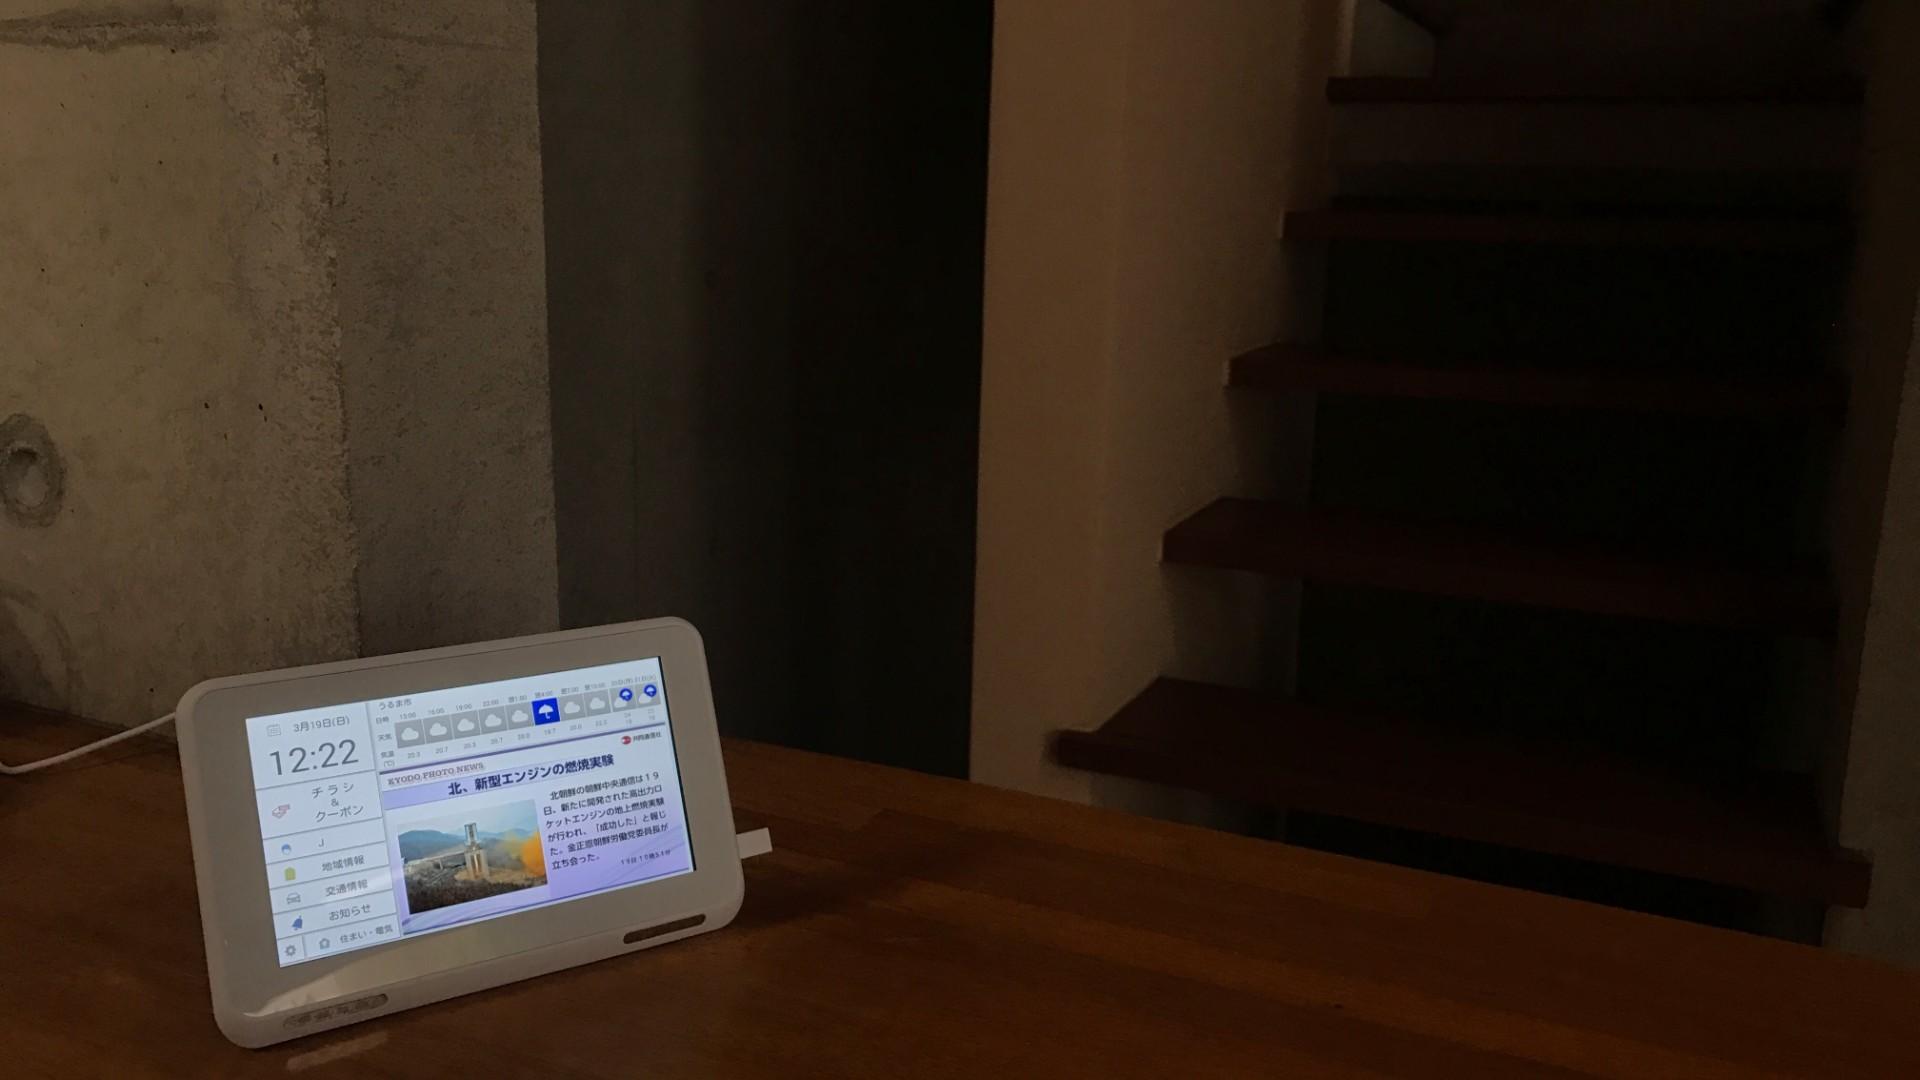 【レビュー(第2弾)】沖縄限定サービス「T-Station」専用の無料タブレット「Tステーション」、中身はAndroidでした